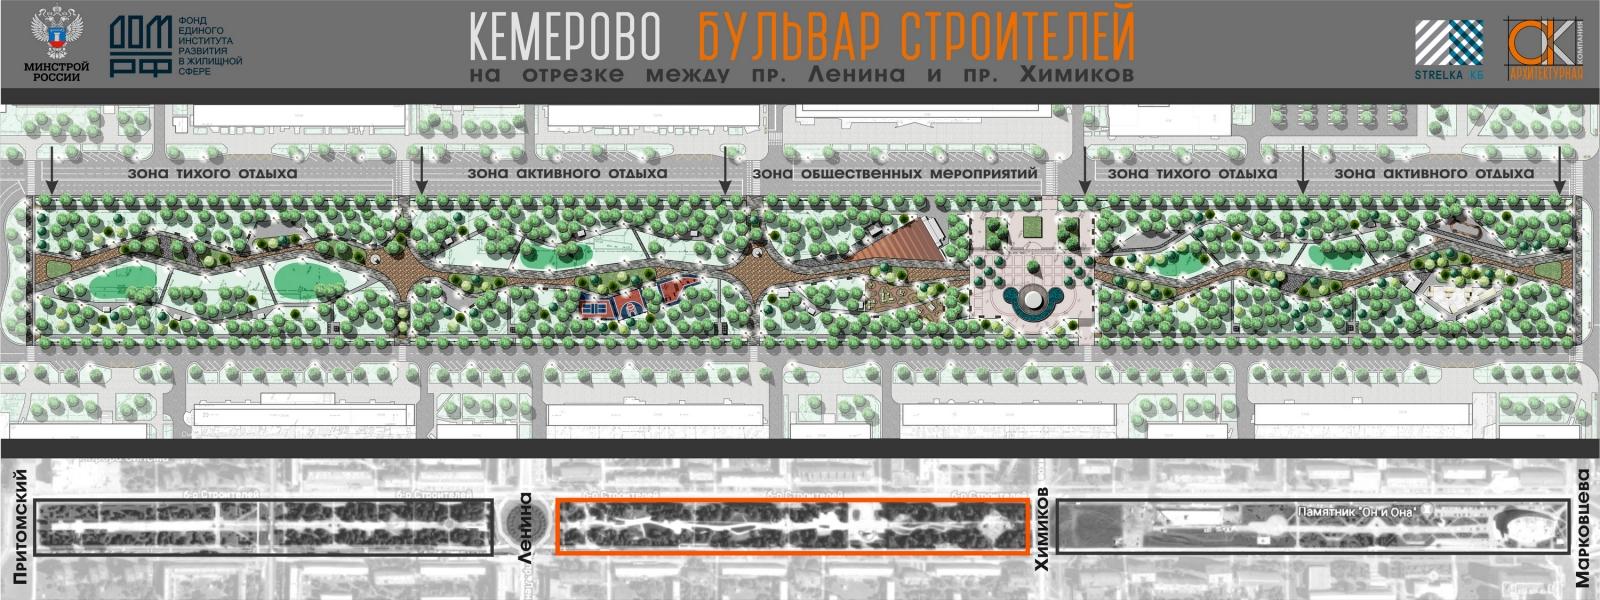 work-Реконструкция центральной части Бульвара Строителей в линейный парк в Кемерово, 1 очередь строительства